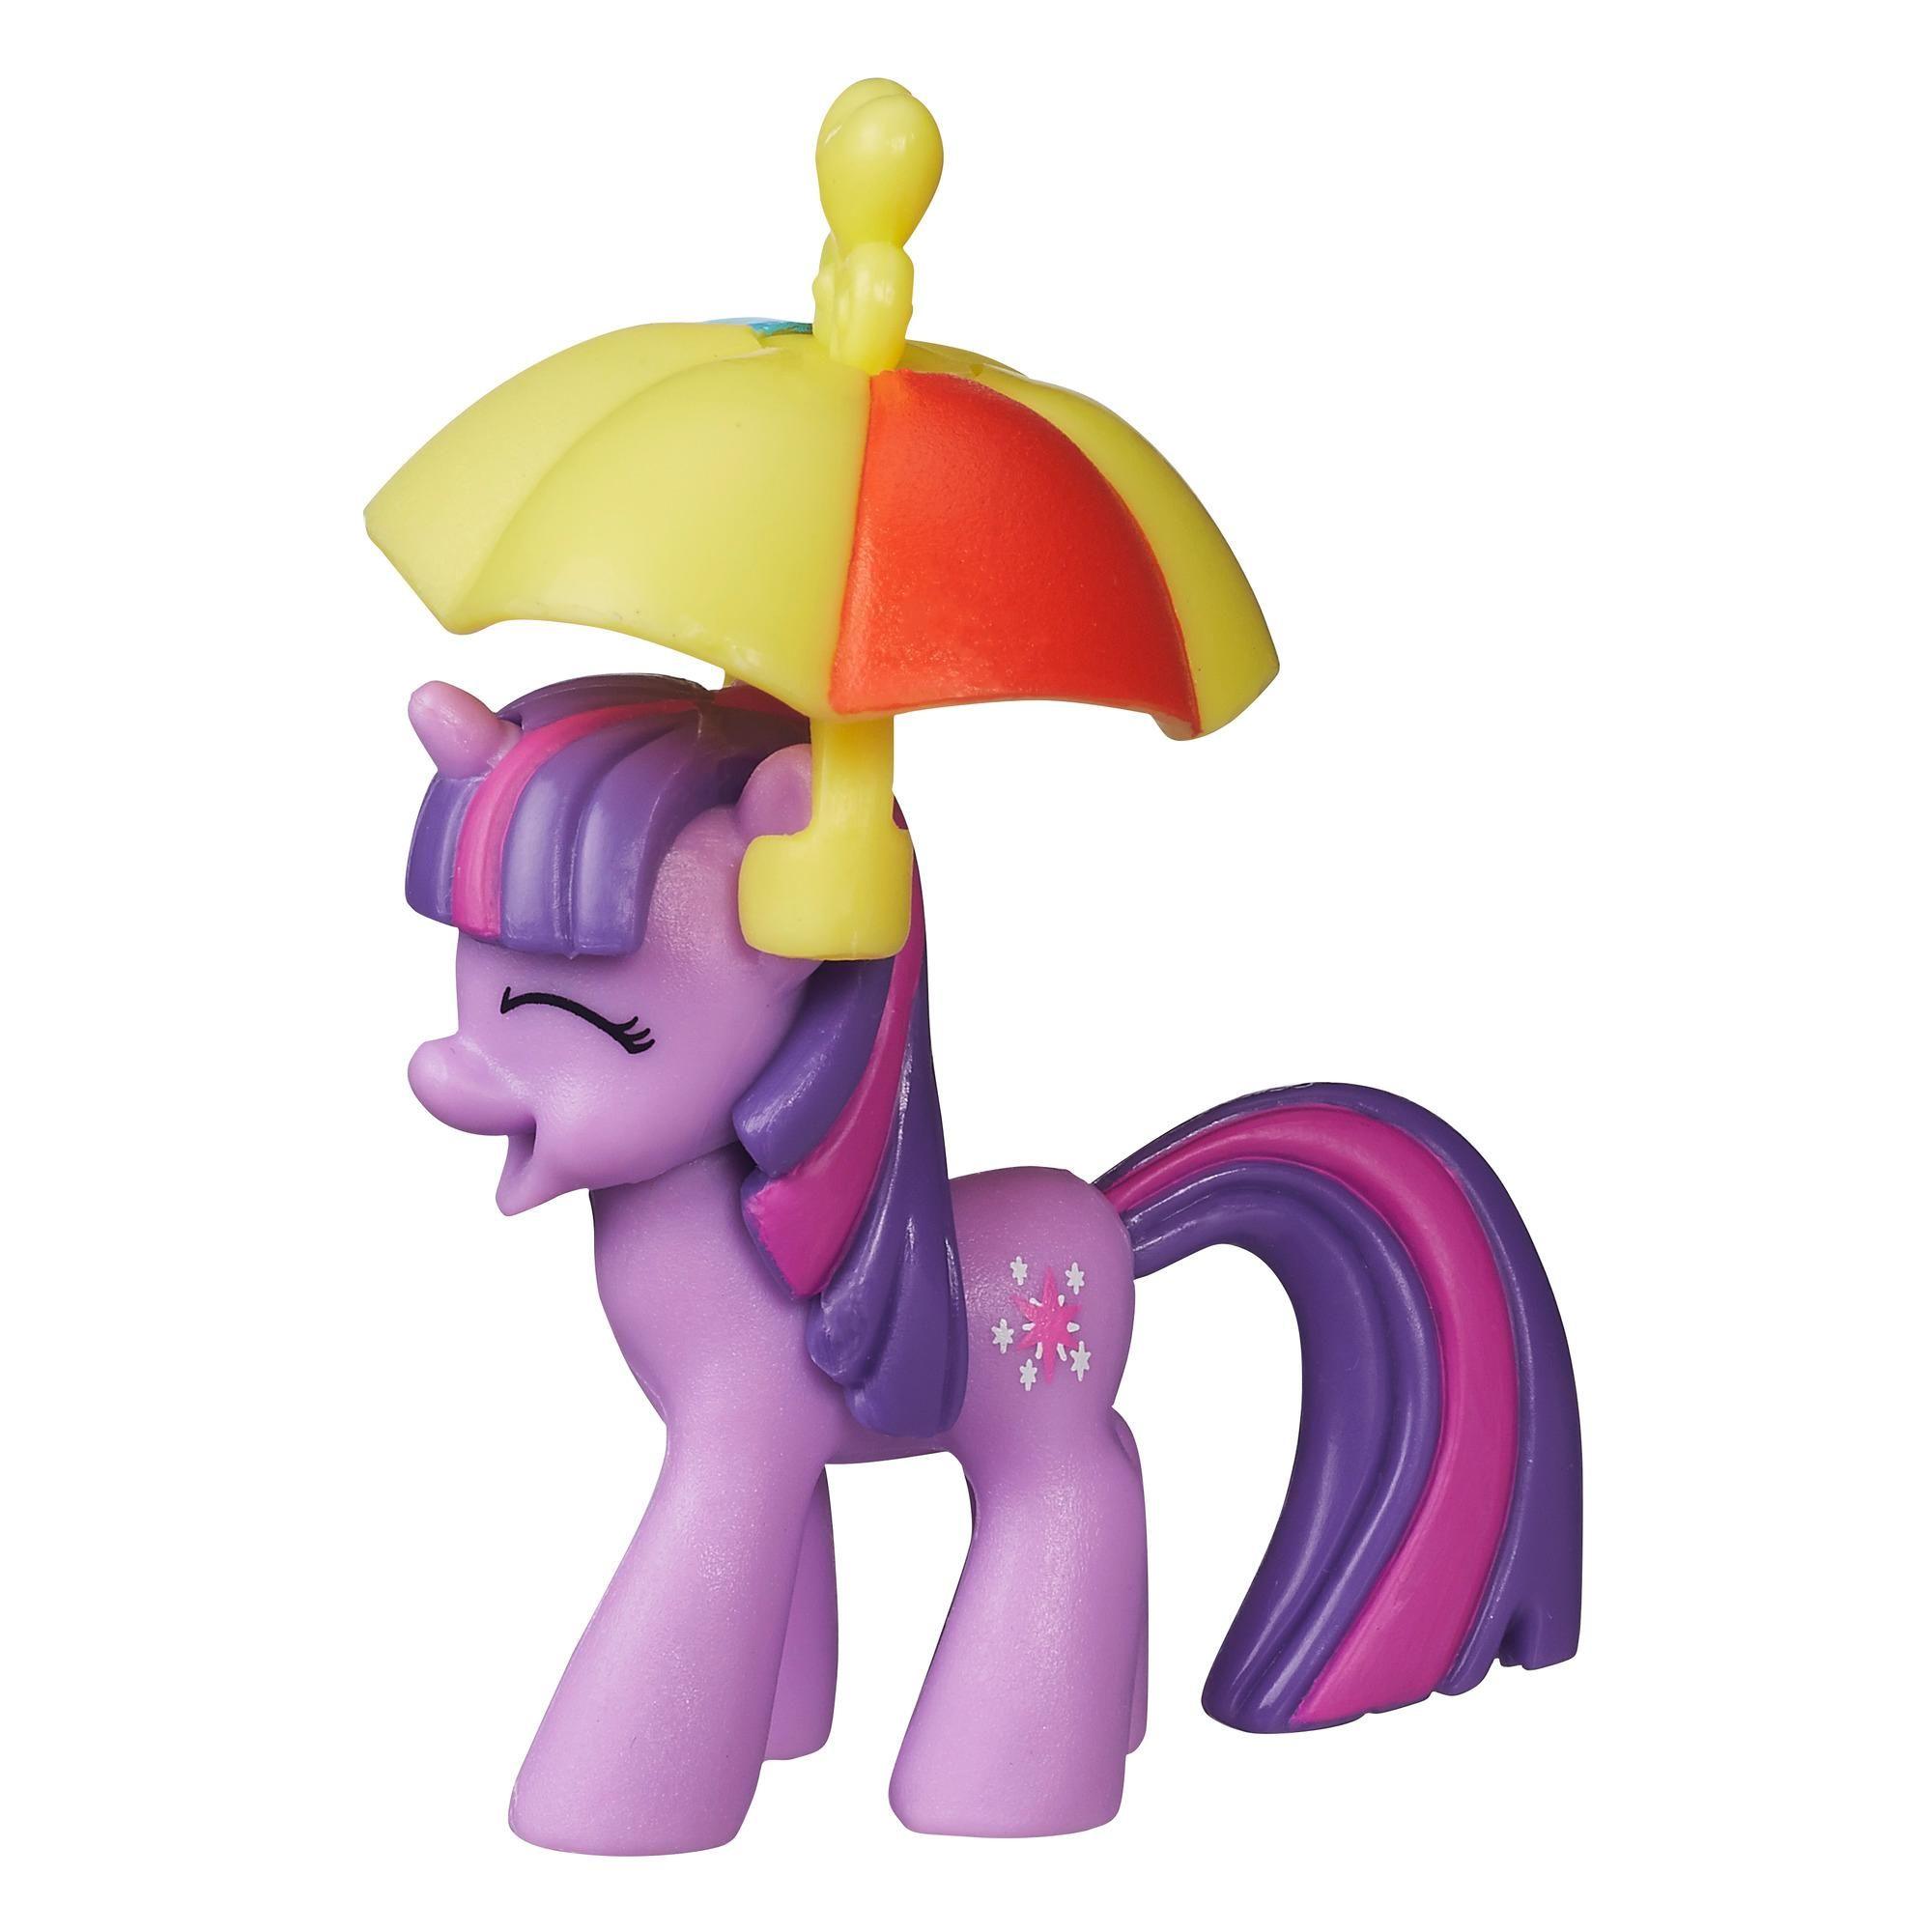 Коллекционная фигурка из серии My Little Pony - Twilight Sparkle, 2 волнаМоя маленькая пони (My Little Pony)<br>Коллекционная фигурка из серии My Little Pony - Twilight Sparkle, 2 волна<br>